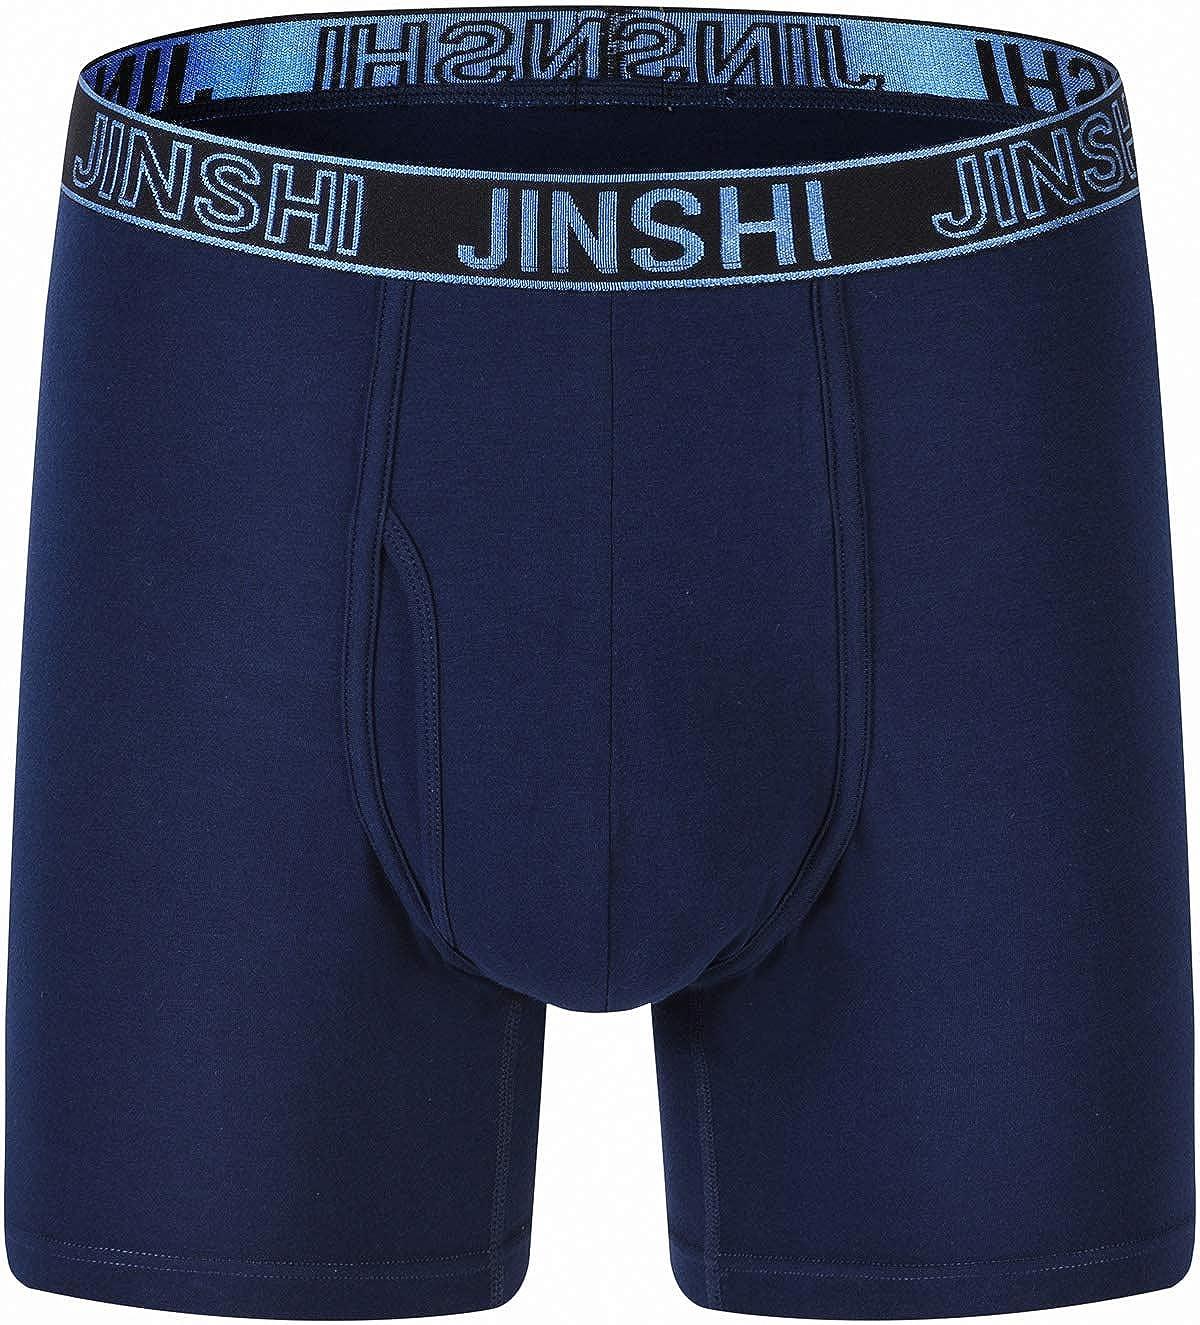 JINSHI Mens Boxer Briefs Long Leg Classic Underwear Soft Comfy Boxers 3Pack